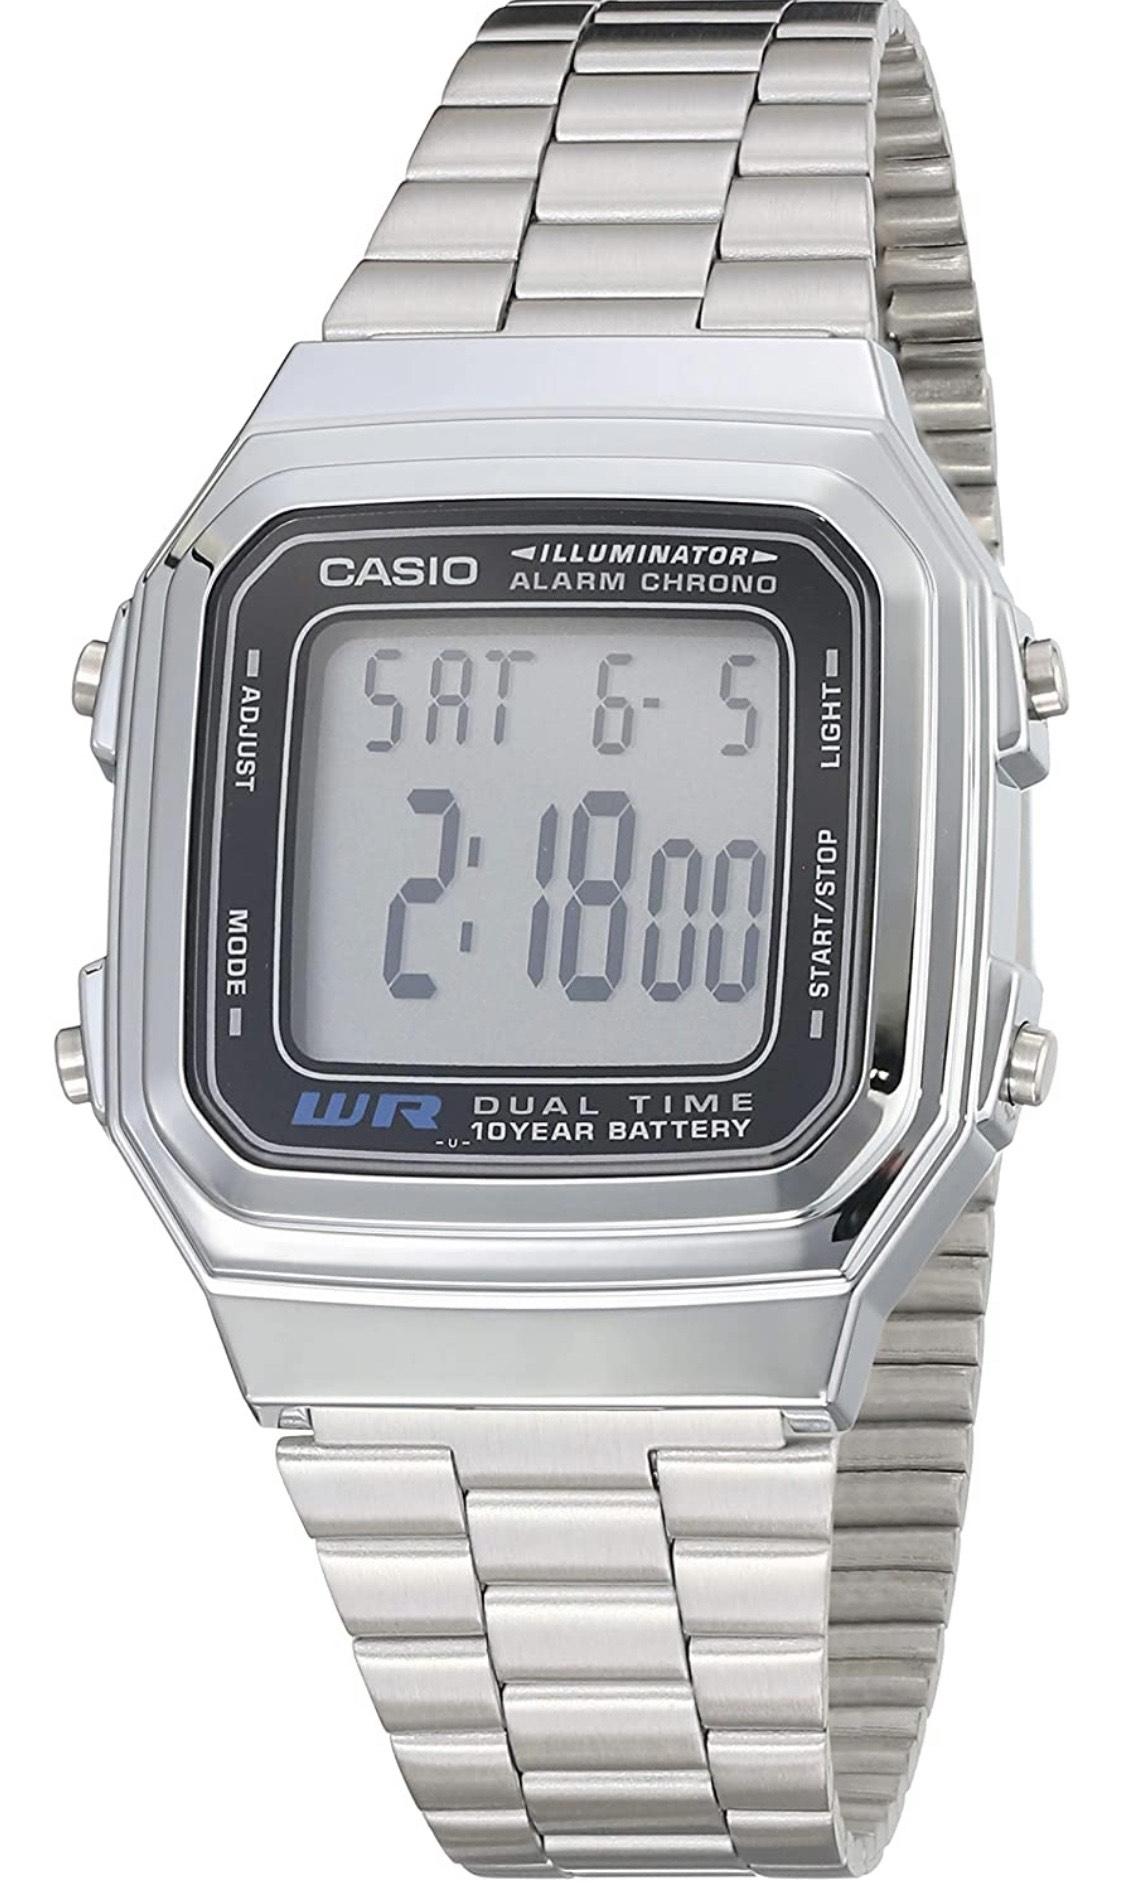 Amazon: Casio A178wa-1a Reloj Iluminator De Acero Inoxidable 32mm